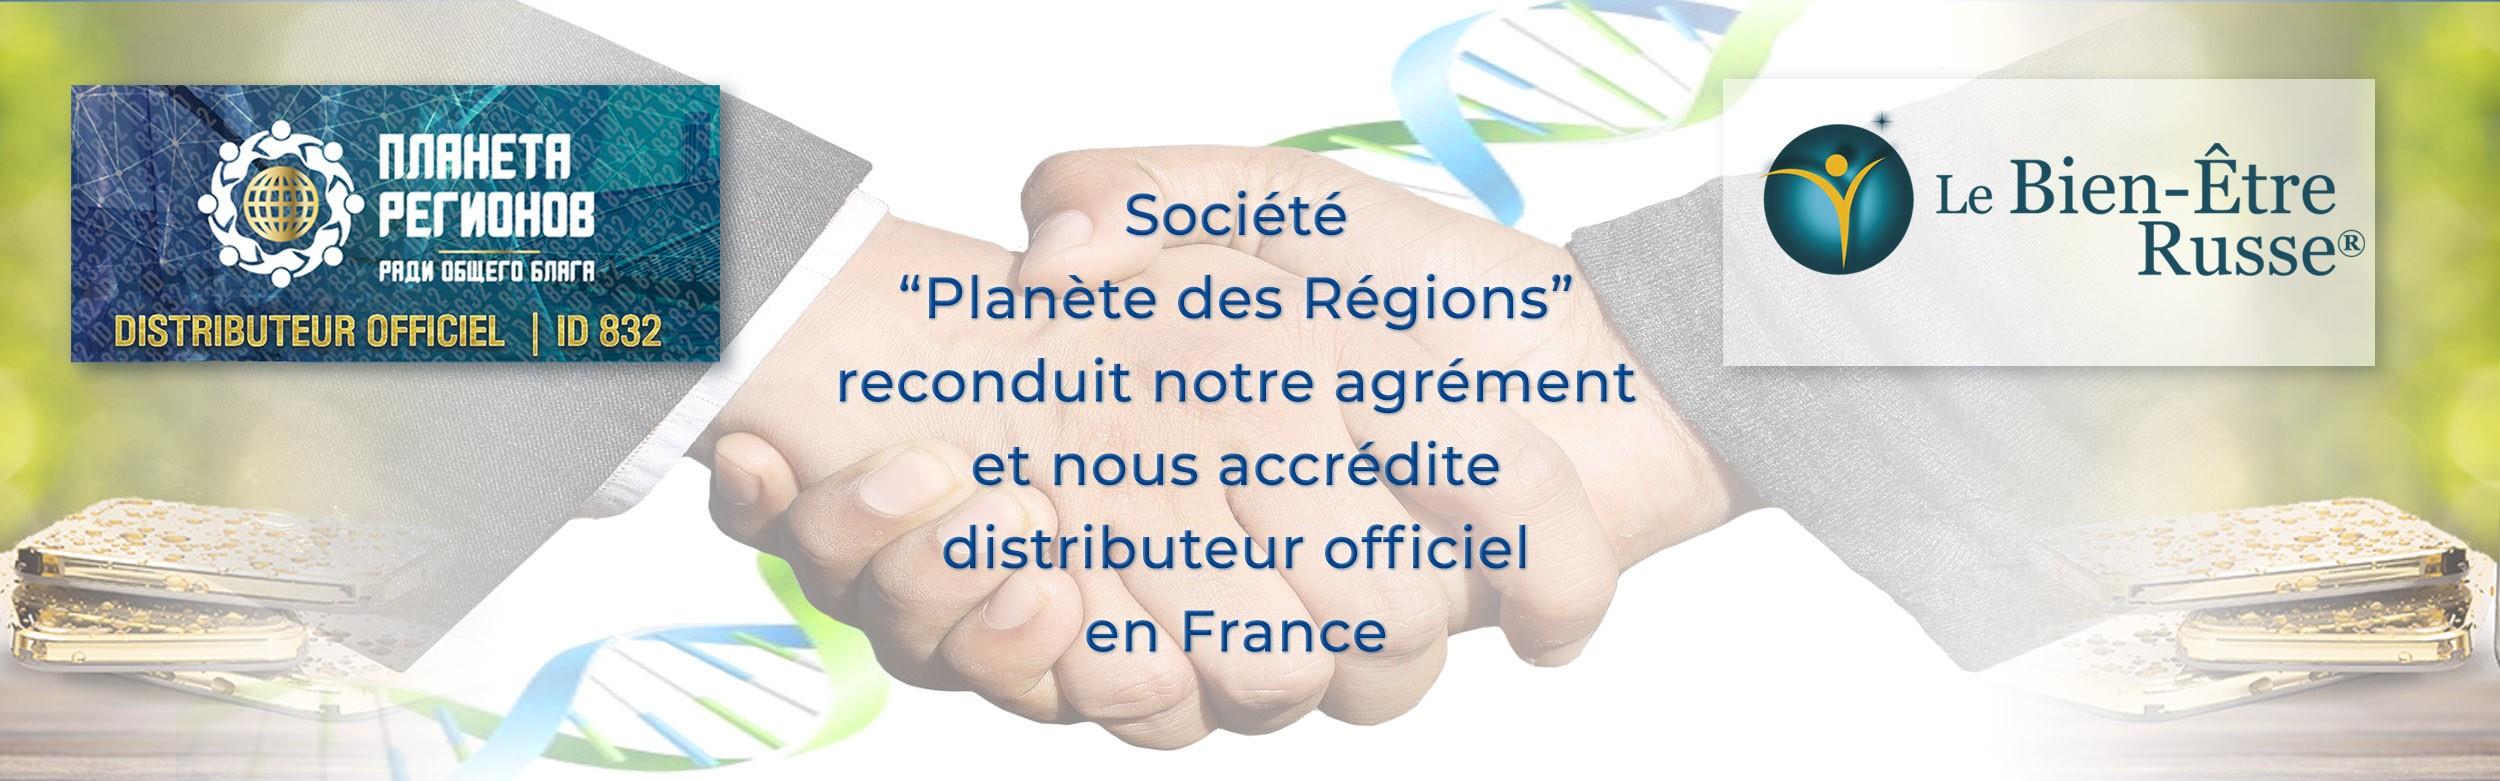 Distributeur officiel en France